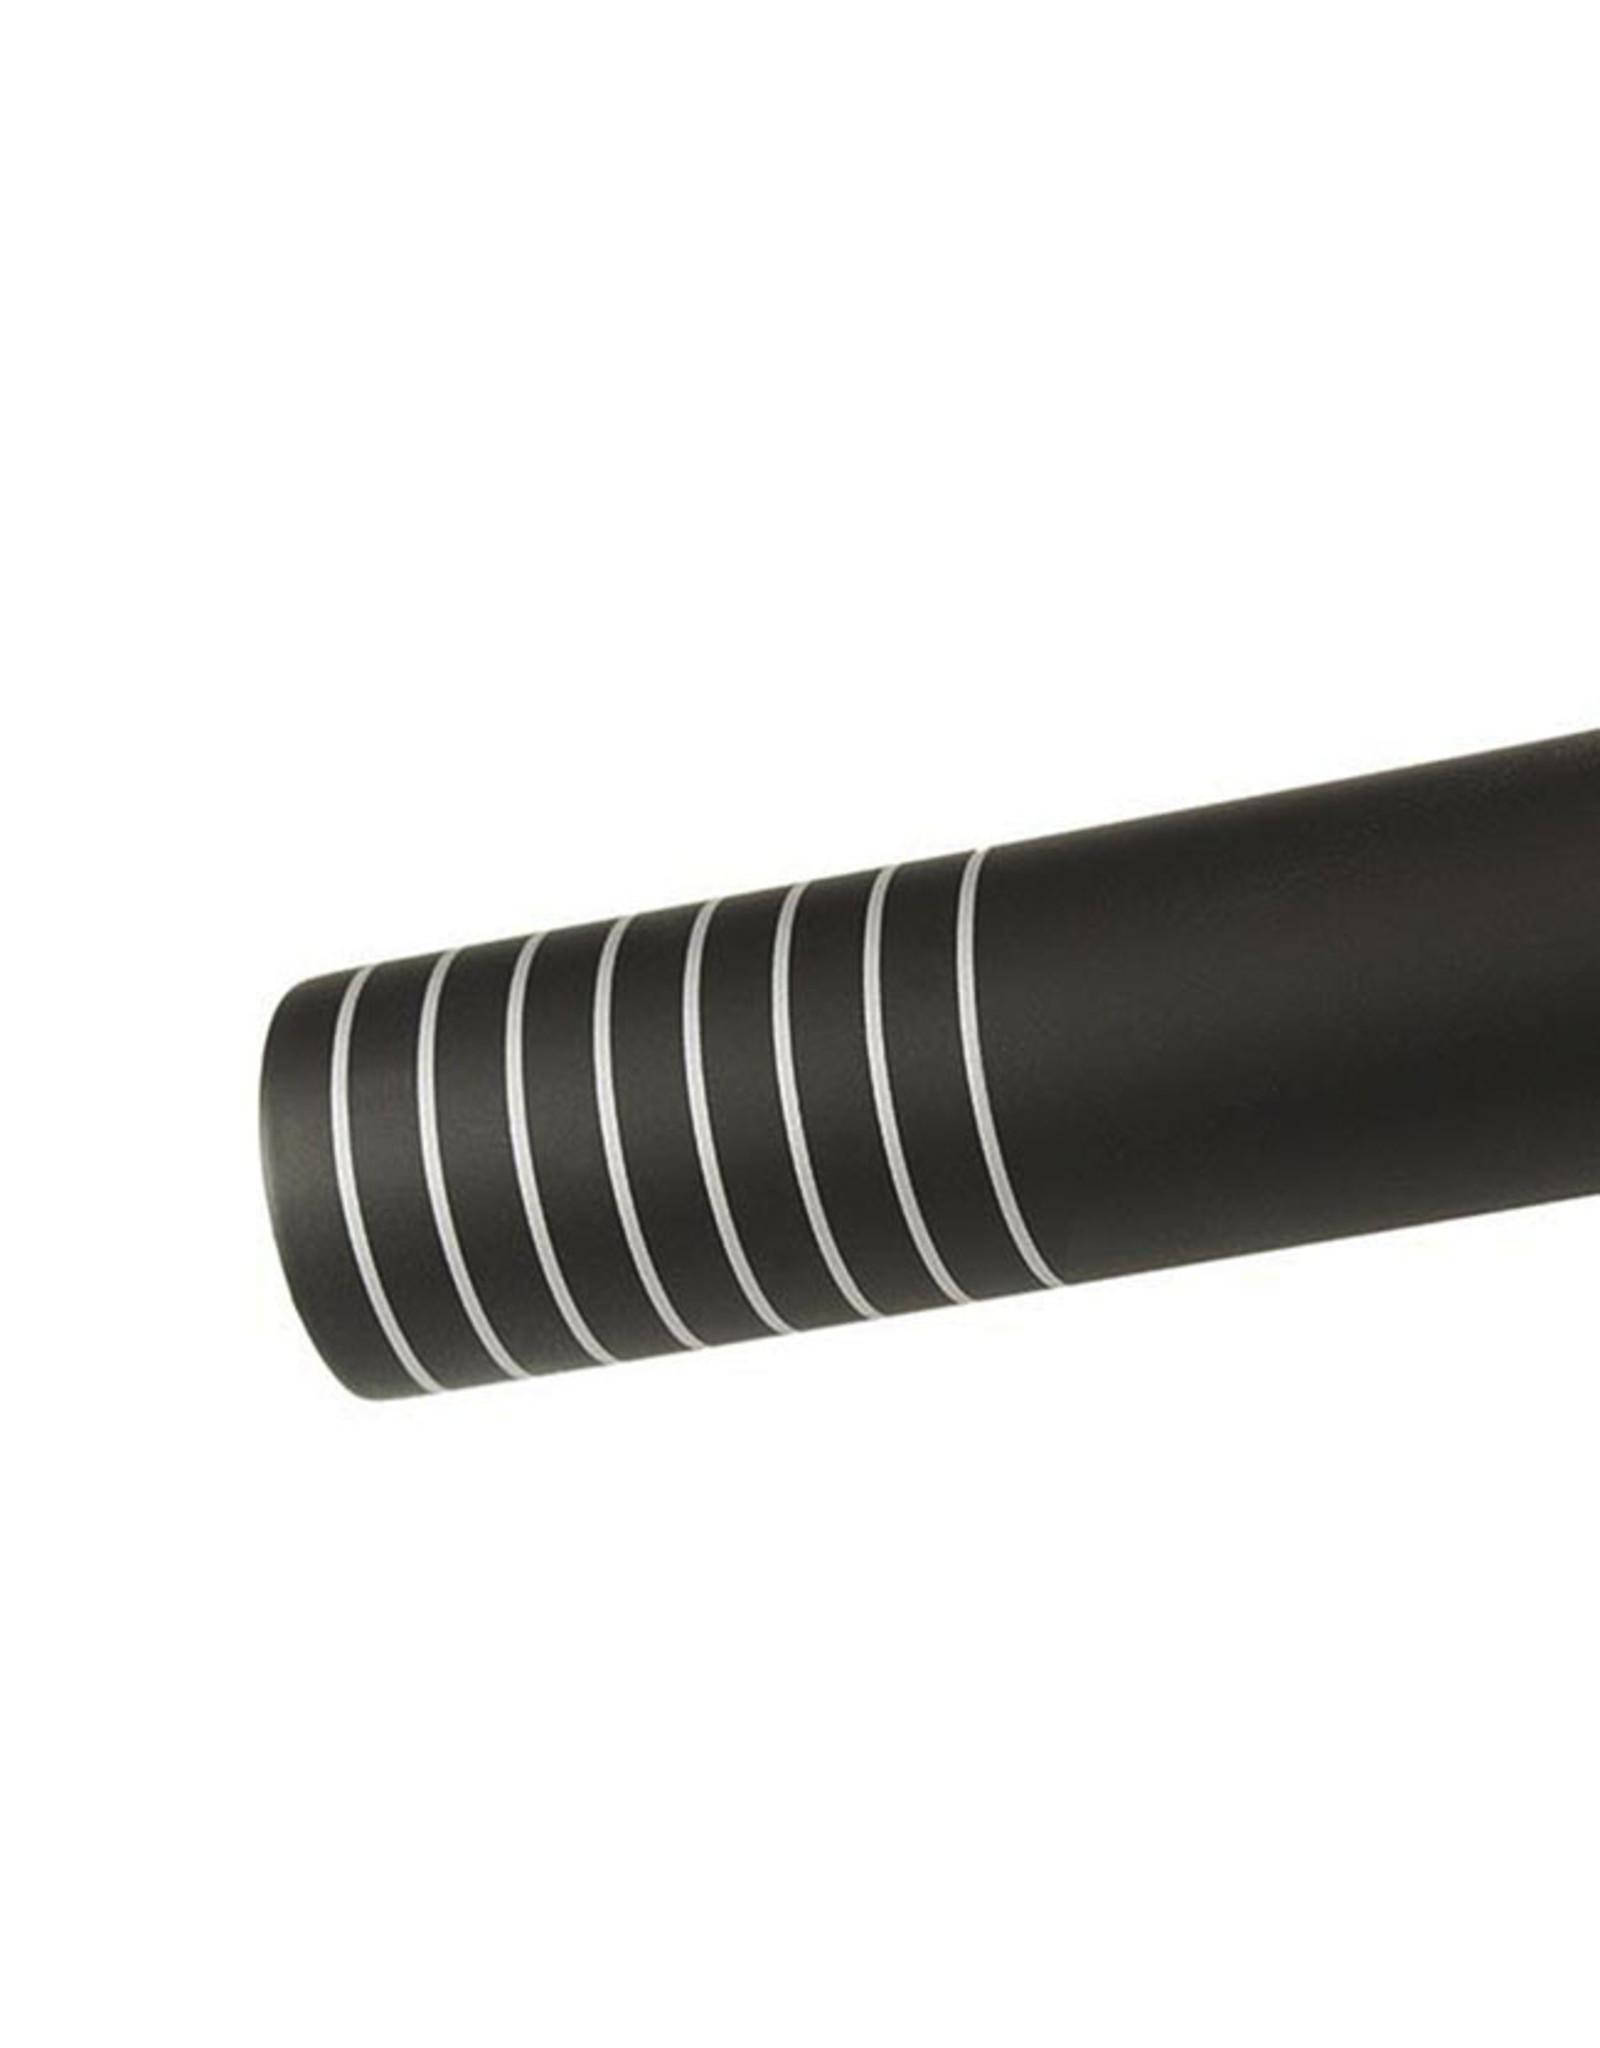 Parlee Parlee 35mm Carbon Handlebar